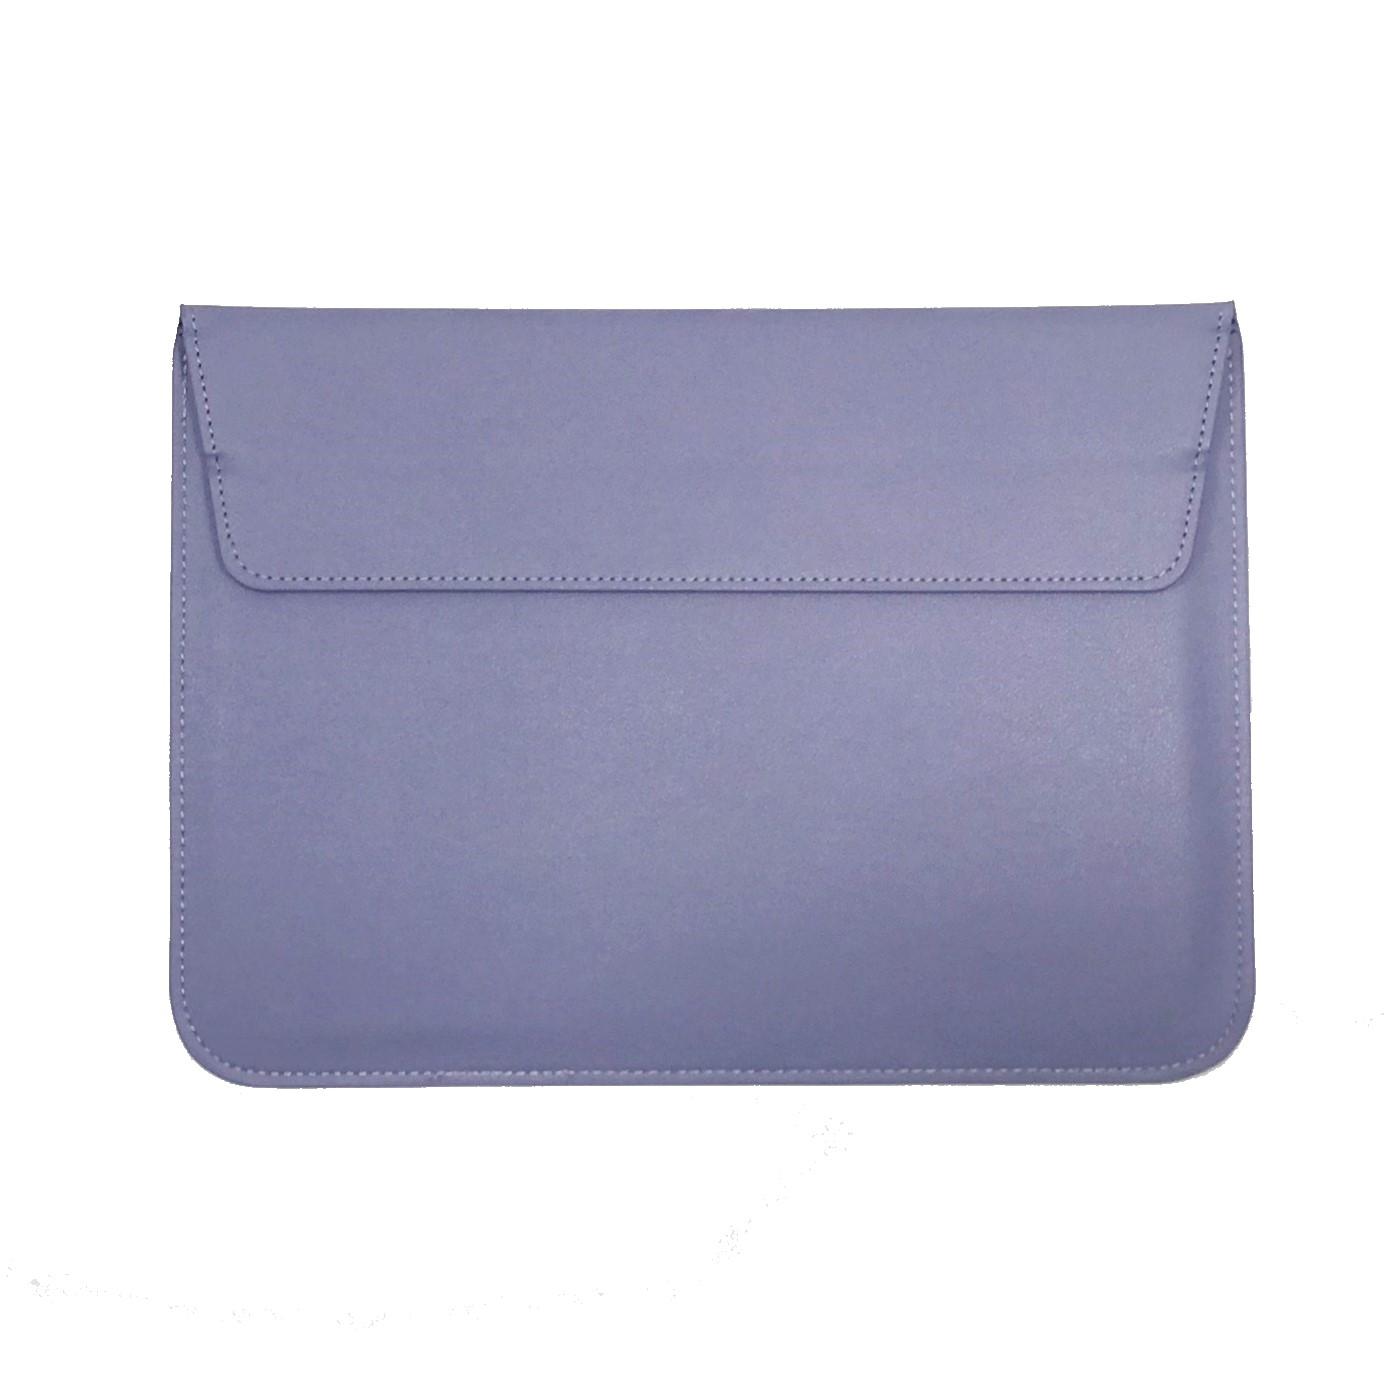 삼성 갤럭시북 / 플렉스 이온 S / LG 그램 / 맥북 호환 노트북 슬리브 파우치, 라일락